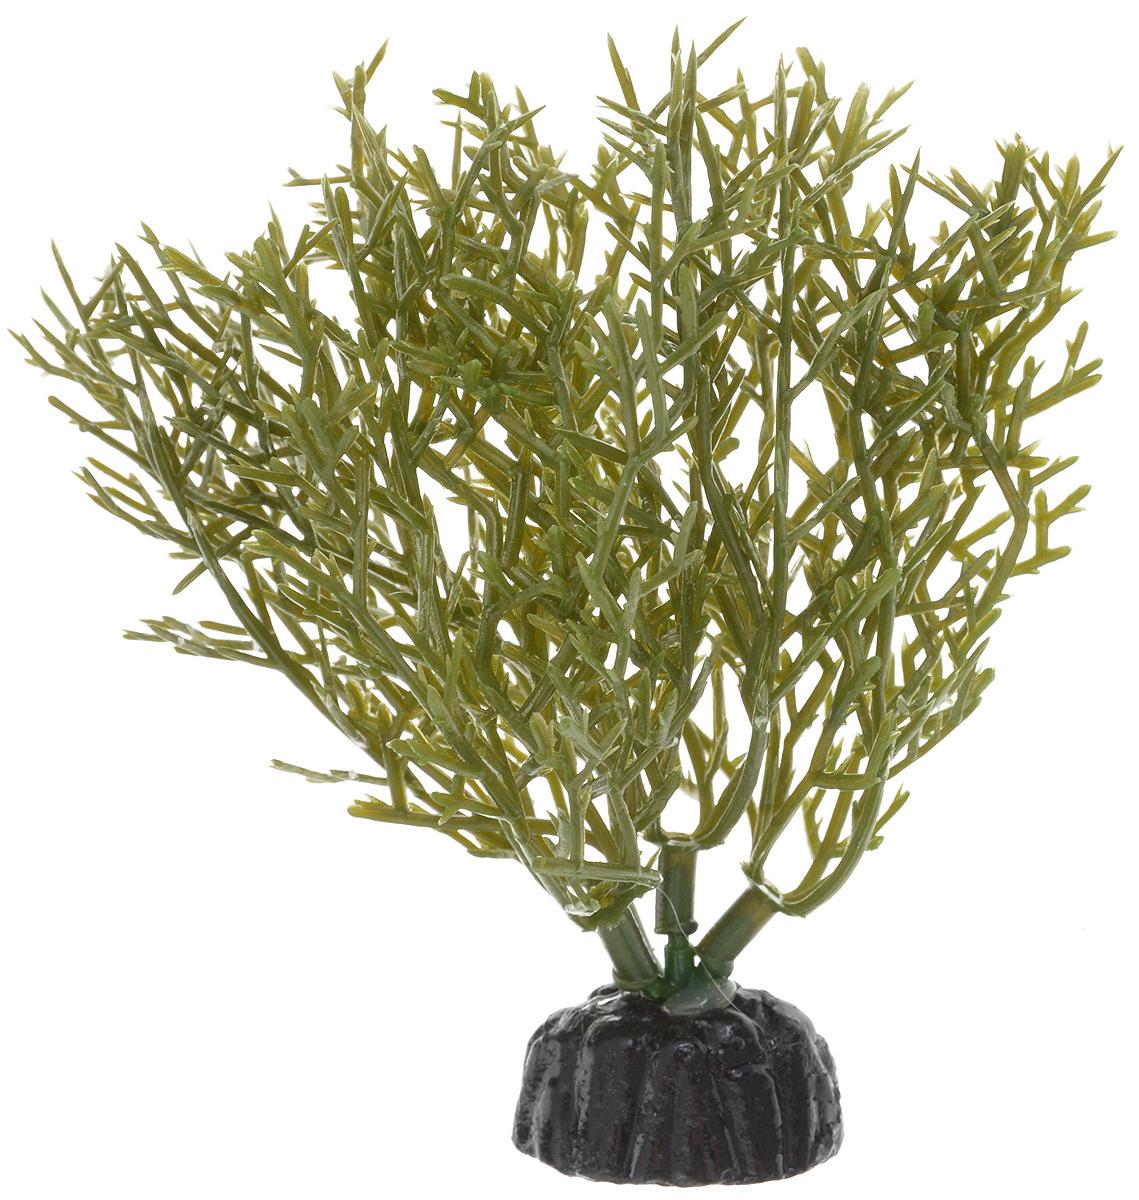 Растение для аквариума Barbus Яванский мох, пластиковое, высота 10 см растение для аквариума barbus людвигия ползучая красная пластиковое высота 30 см